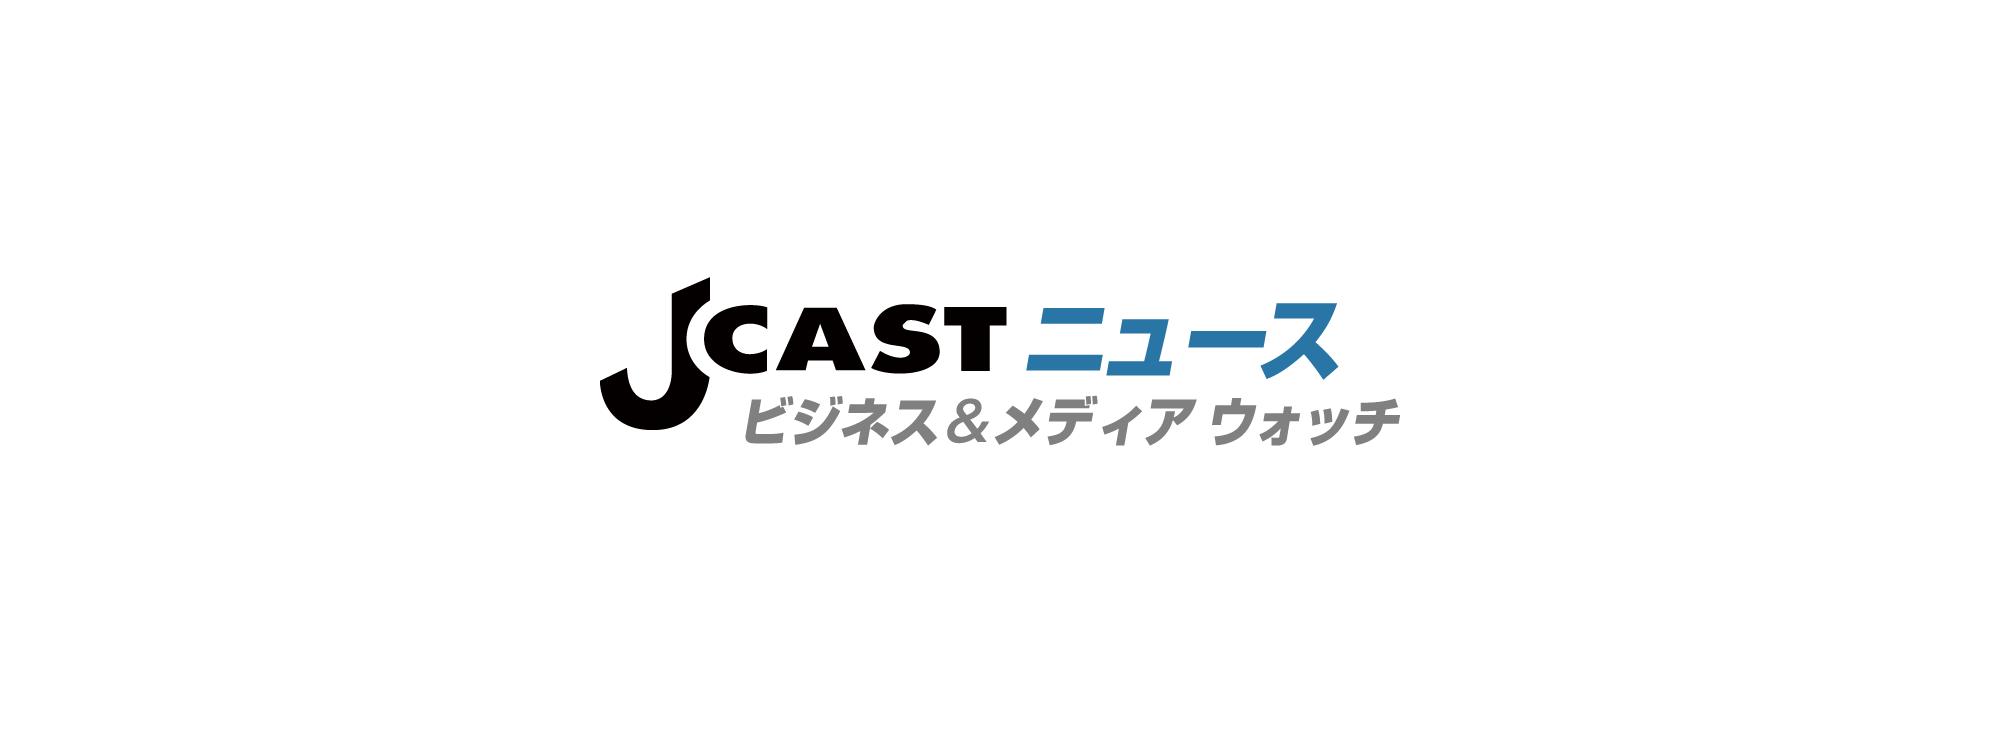 「広告塔」と訴えられた細川たかし 悪いのかとばっちりか : J-CASTテレビウォッチ